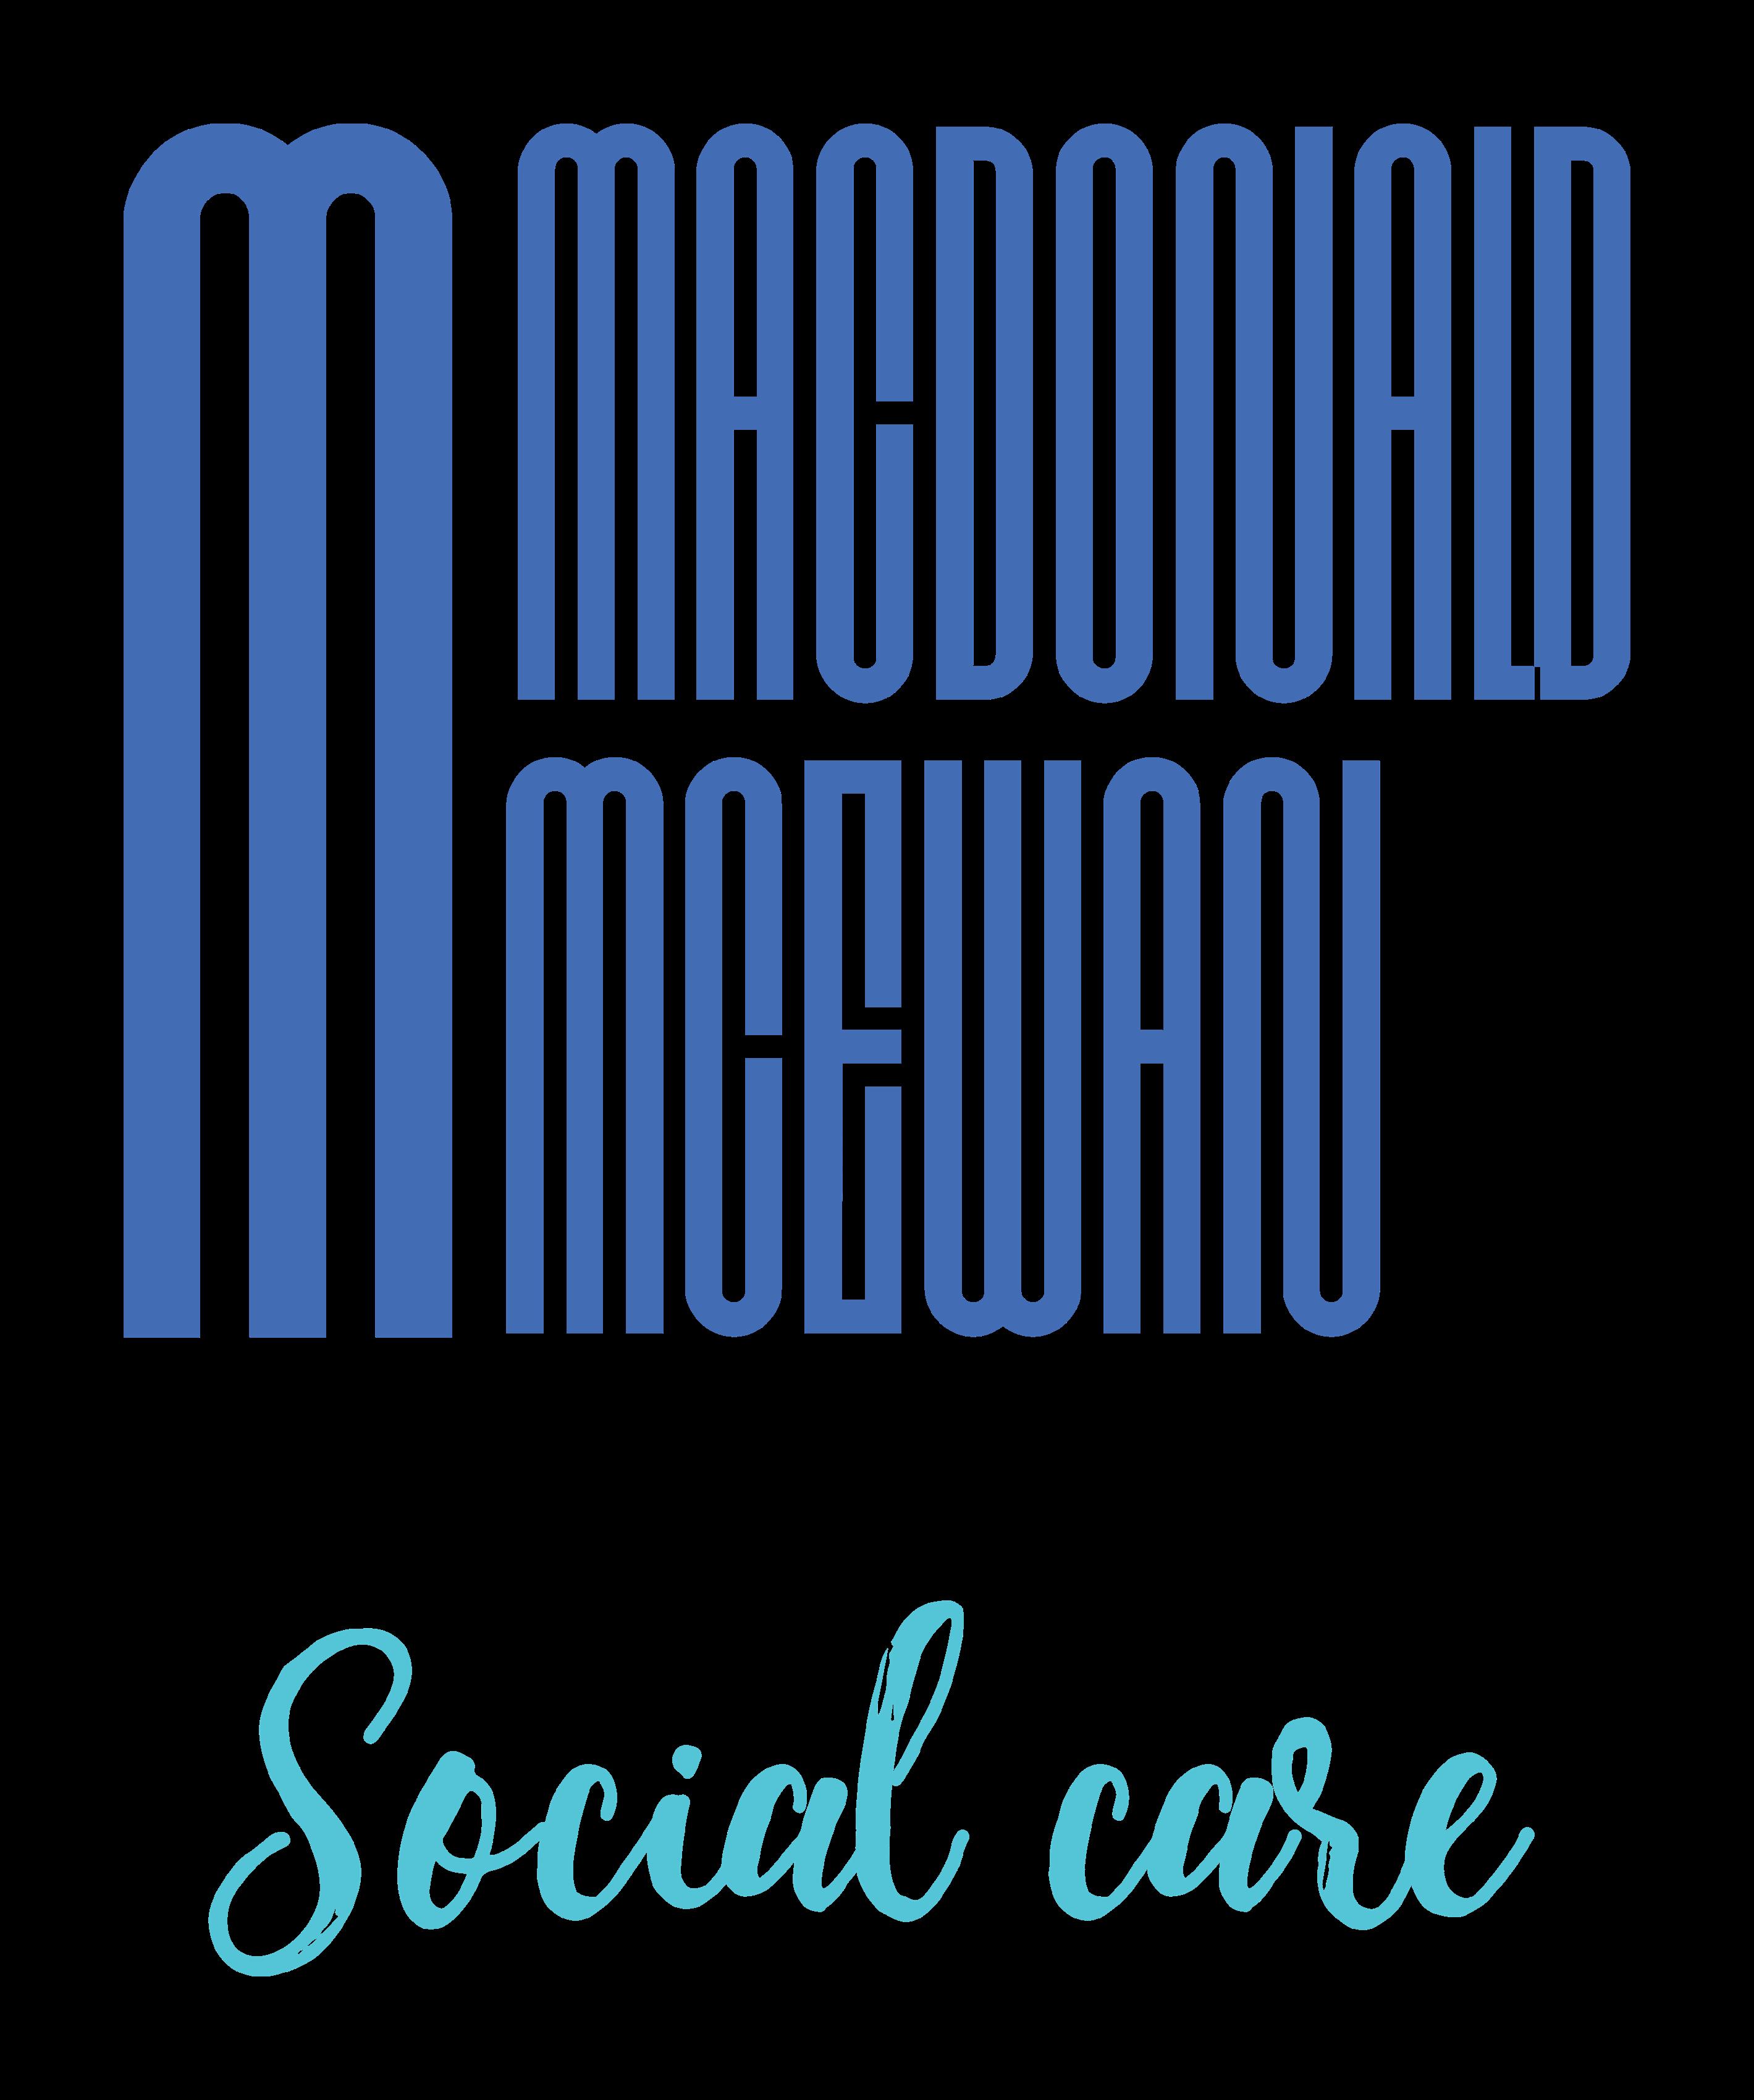 Macdonald Mcewan social care logo